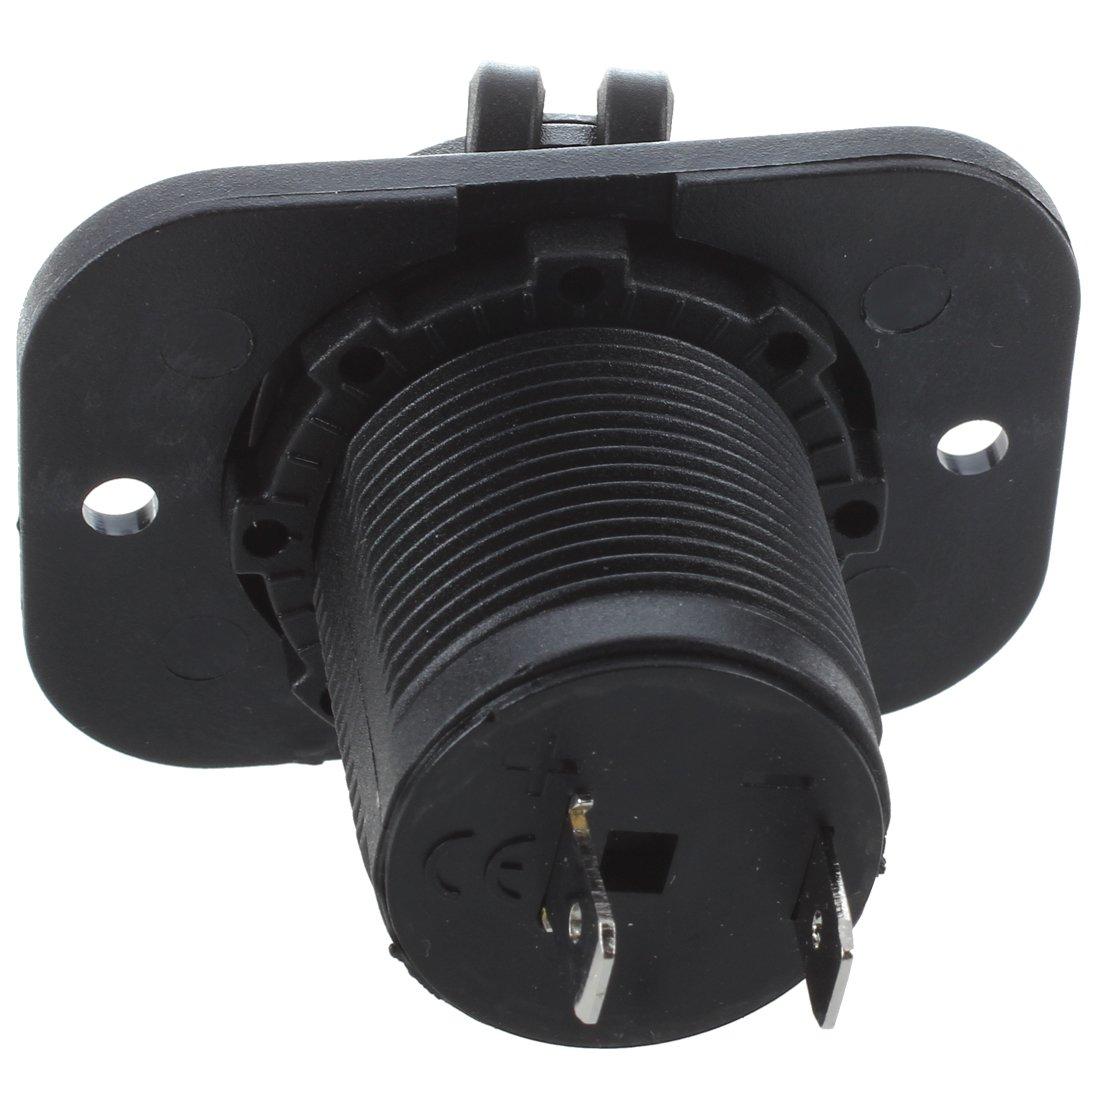 Casinlog 2 x Toma de Corriente Empotrable Mechero Conector 12V para Coche Moto Barco